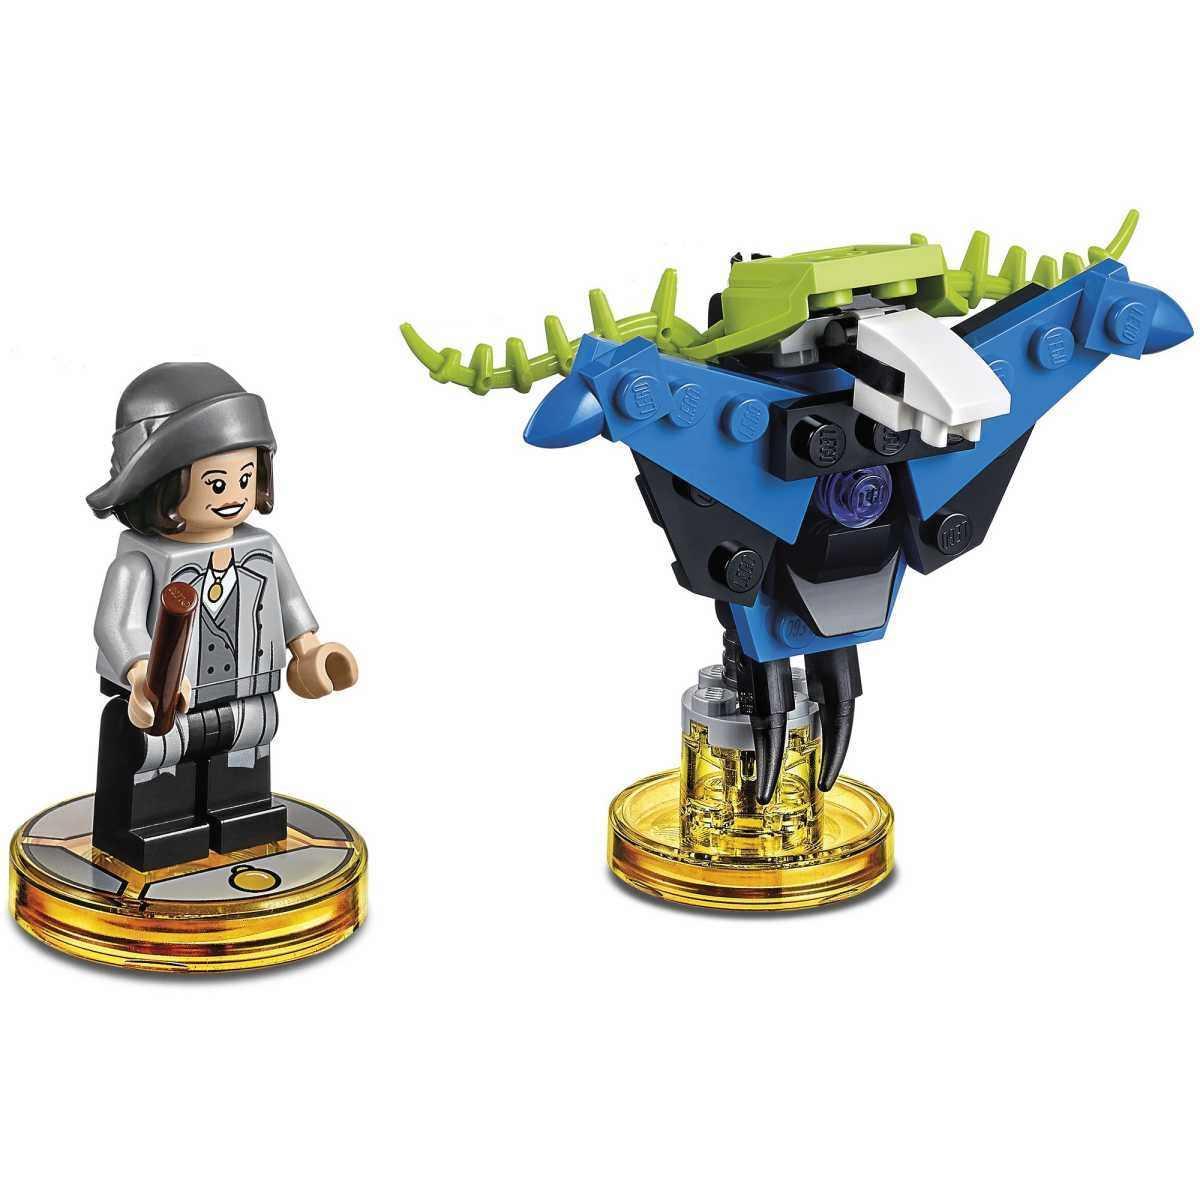 Game PS3 Warner Bros Interactive 71257 FUN PACK FANTASTIC BEASTS DIZWBIKLL0001 LEGO konstruktors